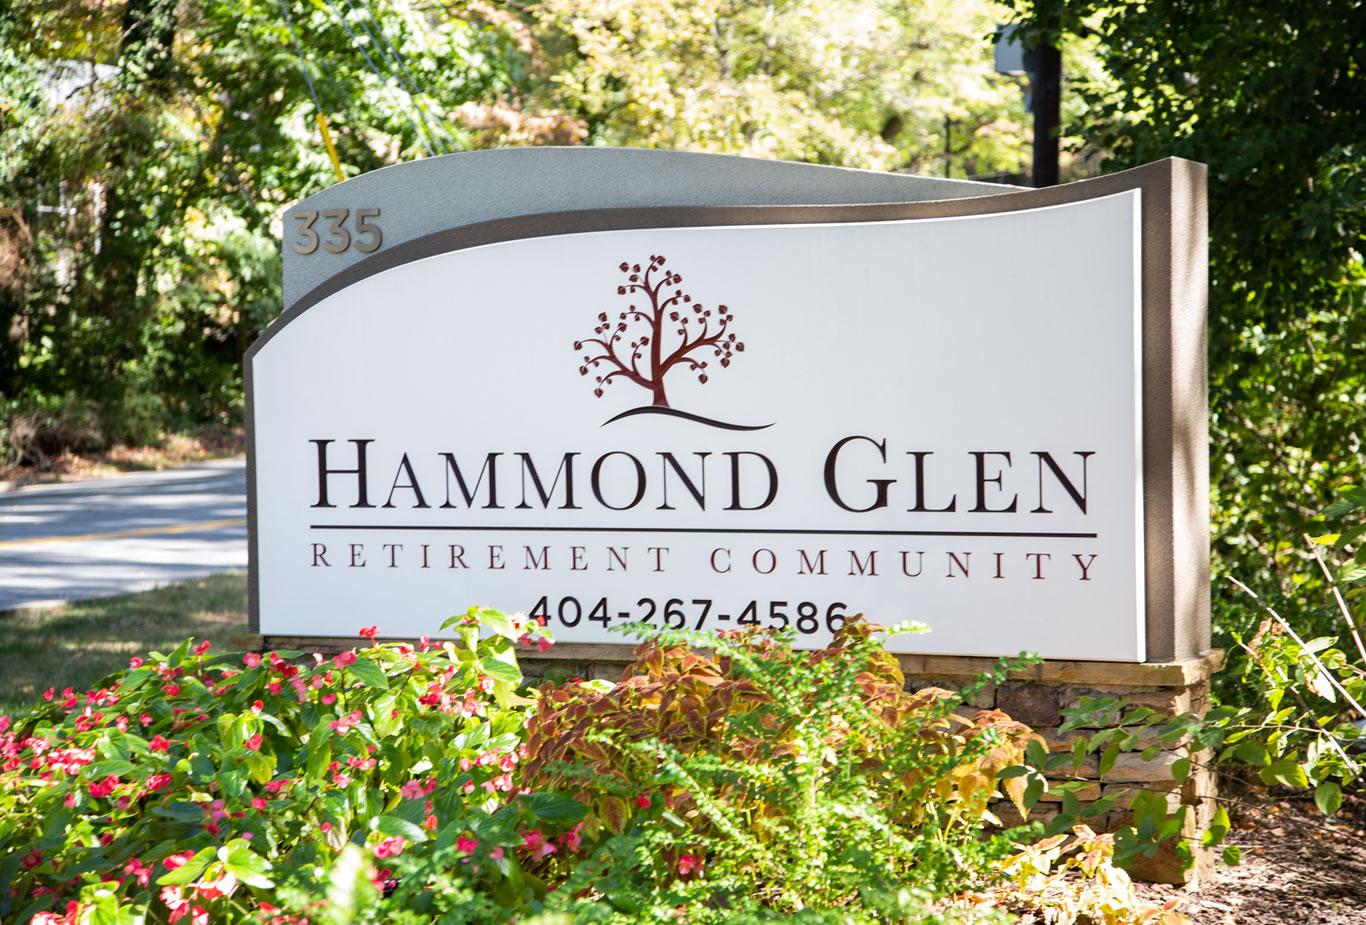 Hammond Glen Photo